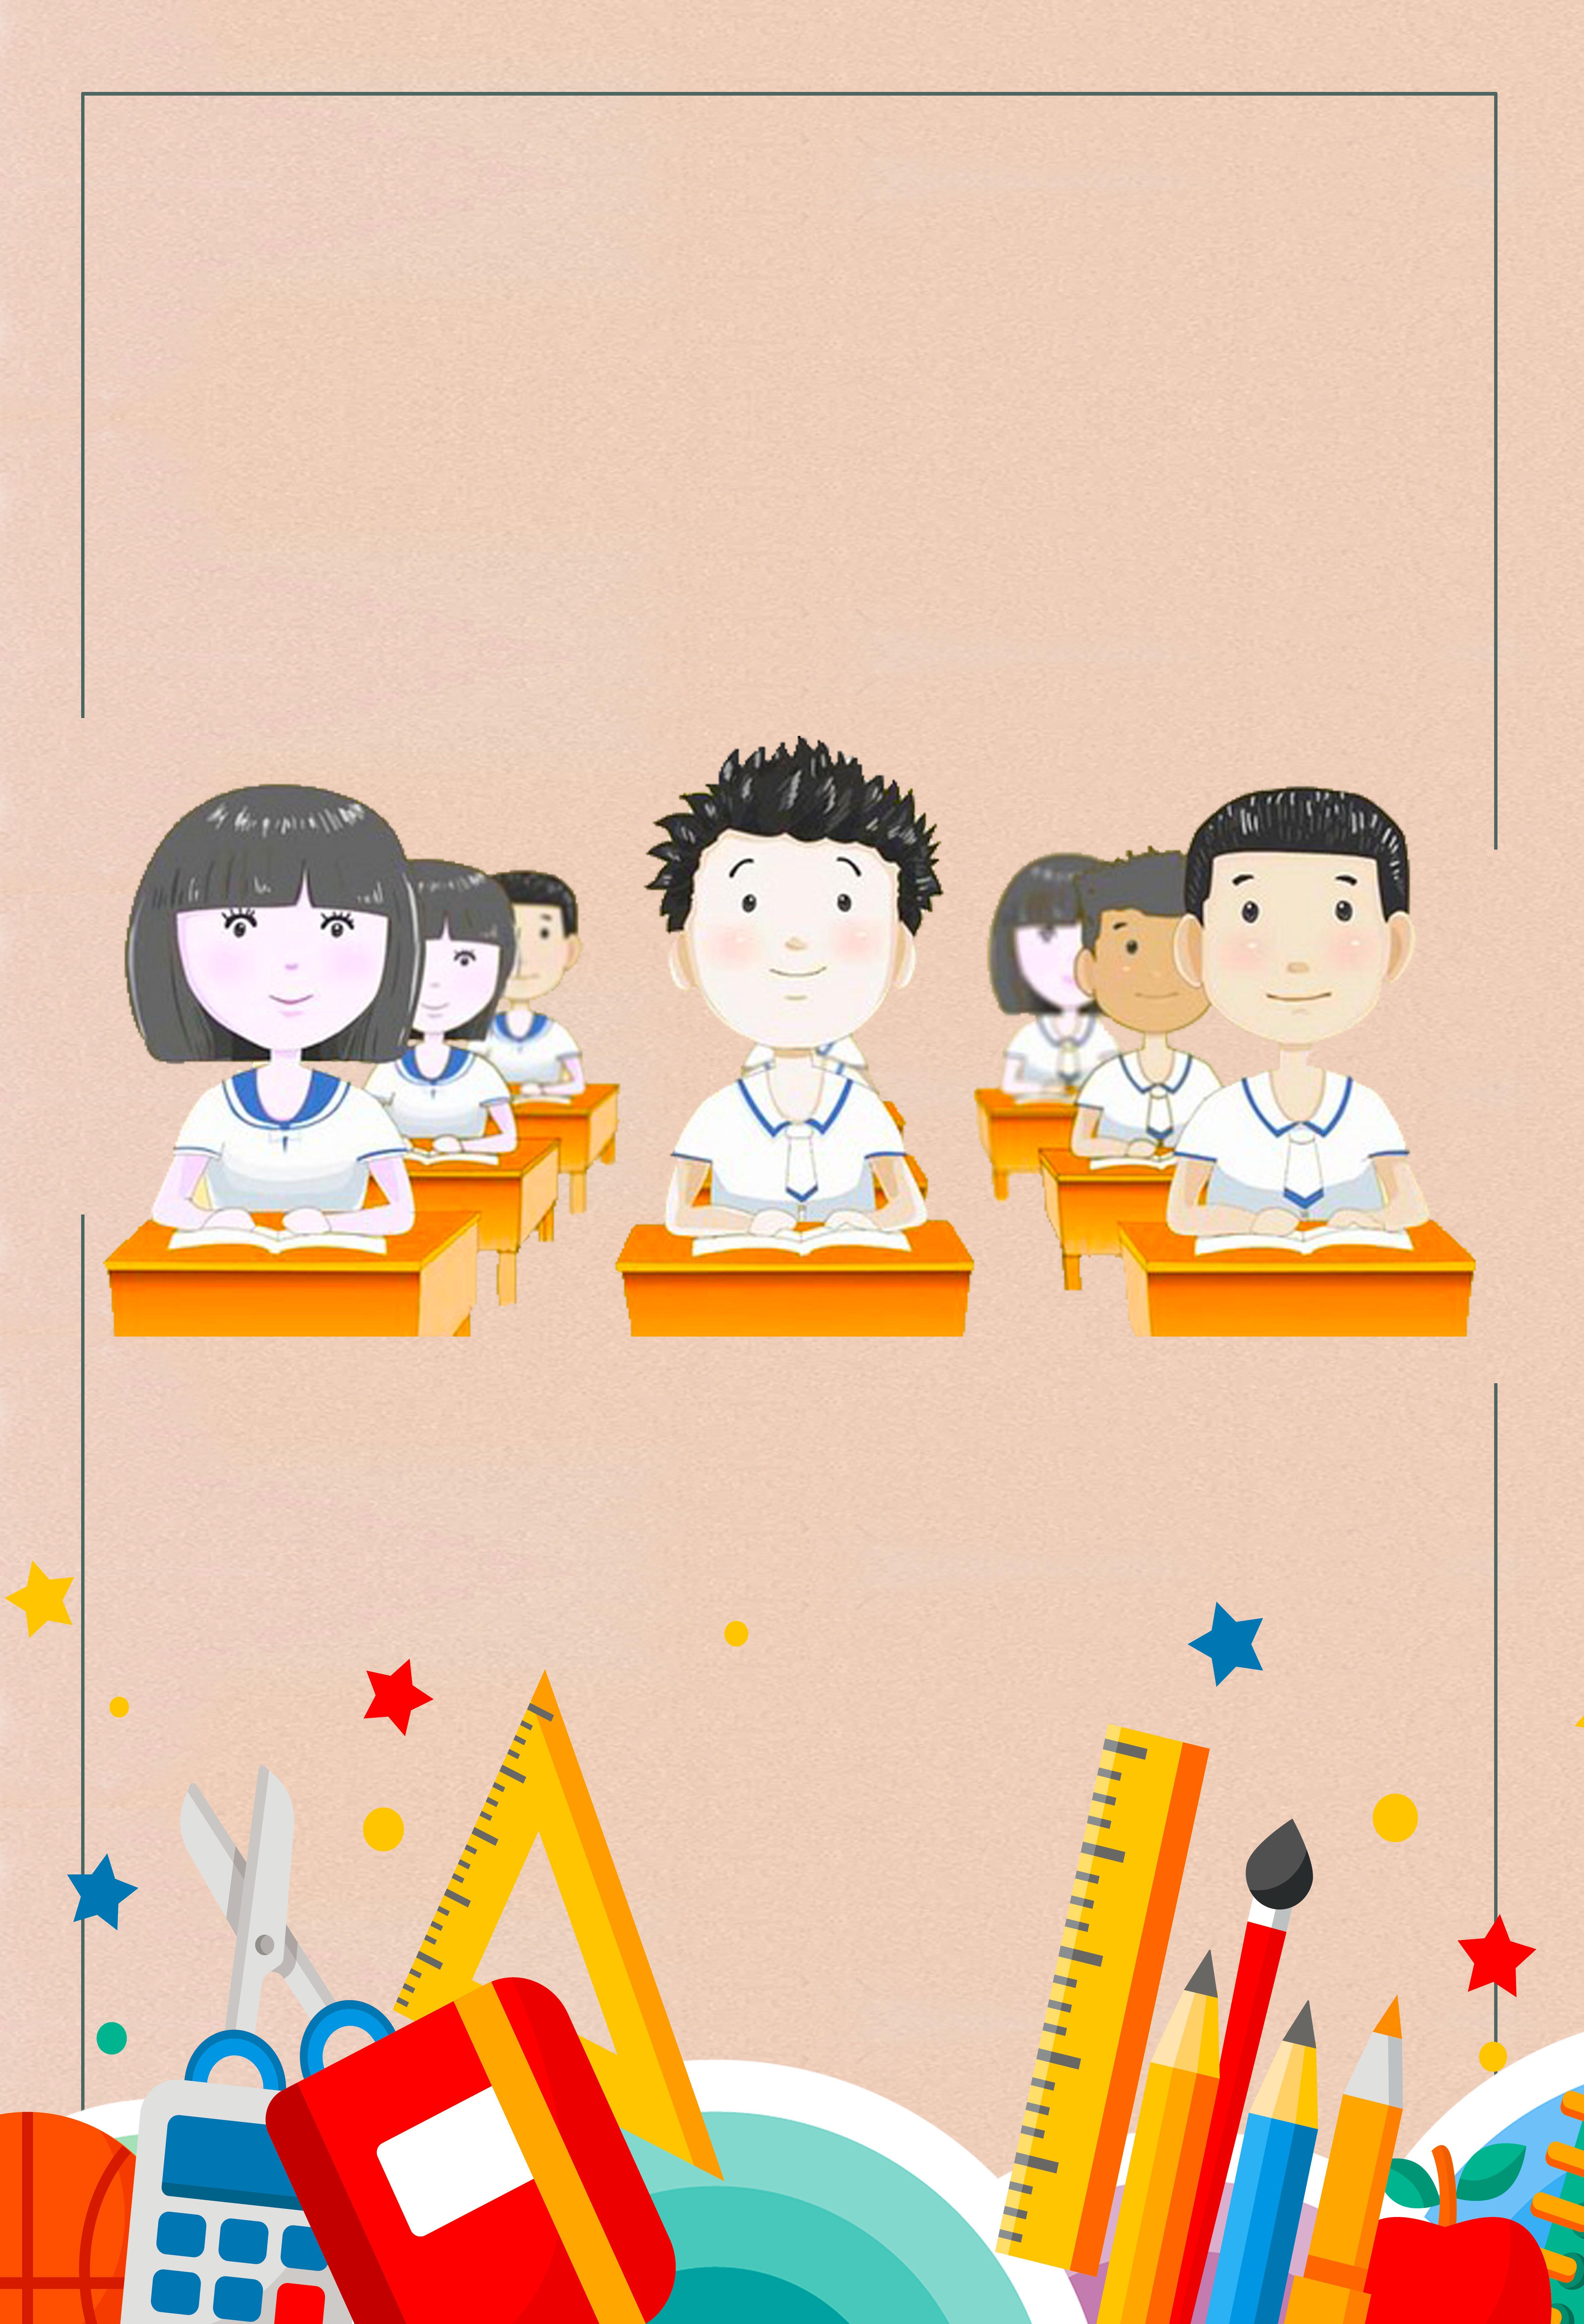 Poster Design For Teachers Day Teachers Teachers Hard